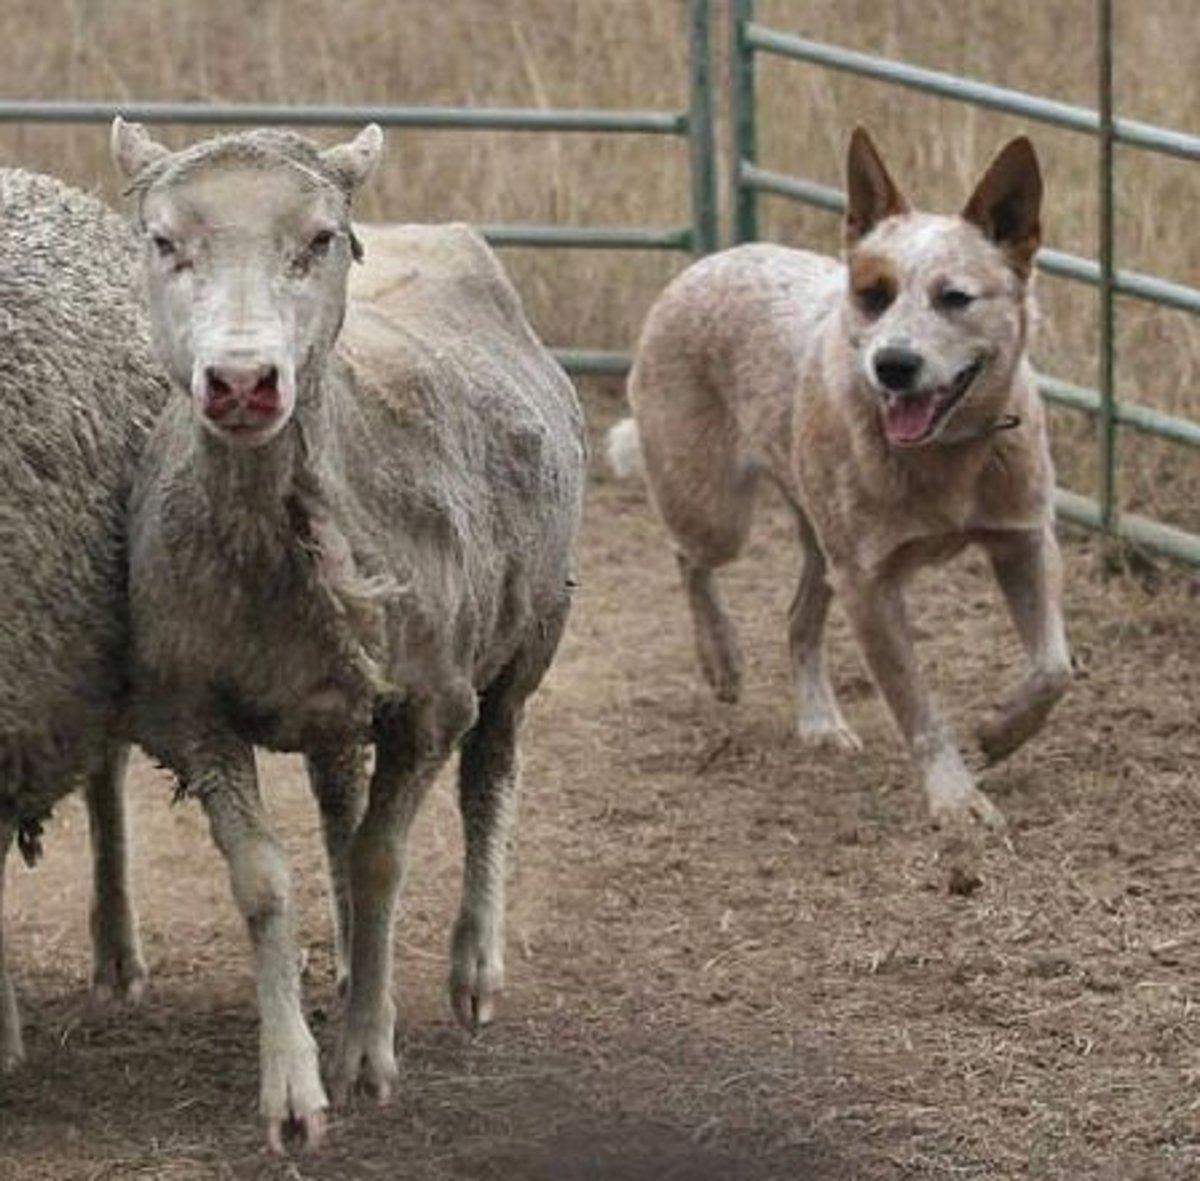 An Australian Cattle Dog herding sheep.